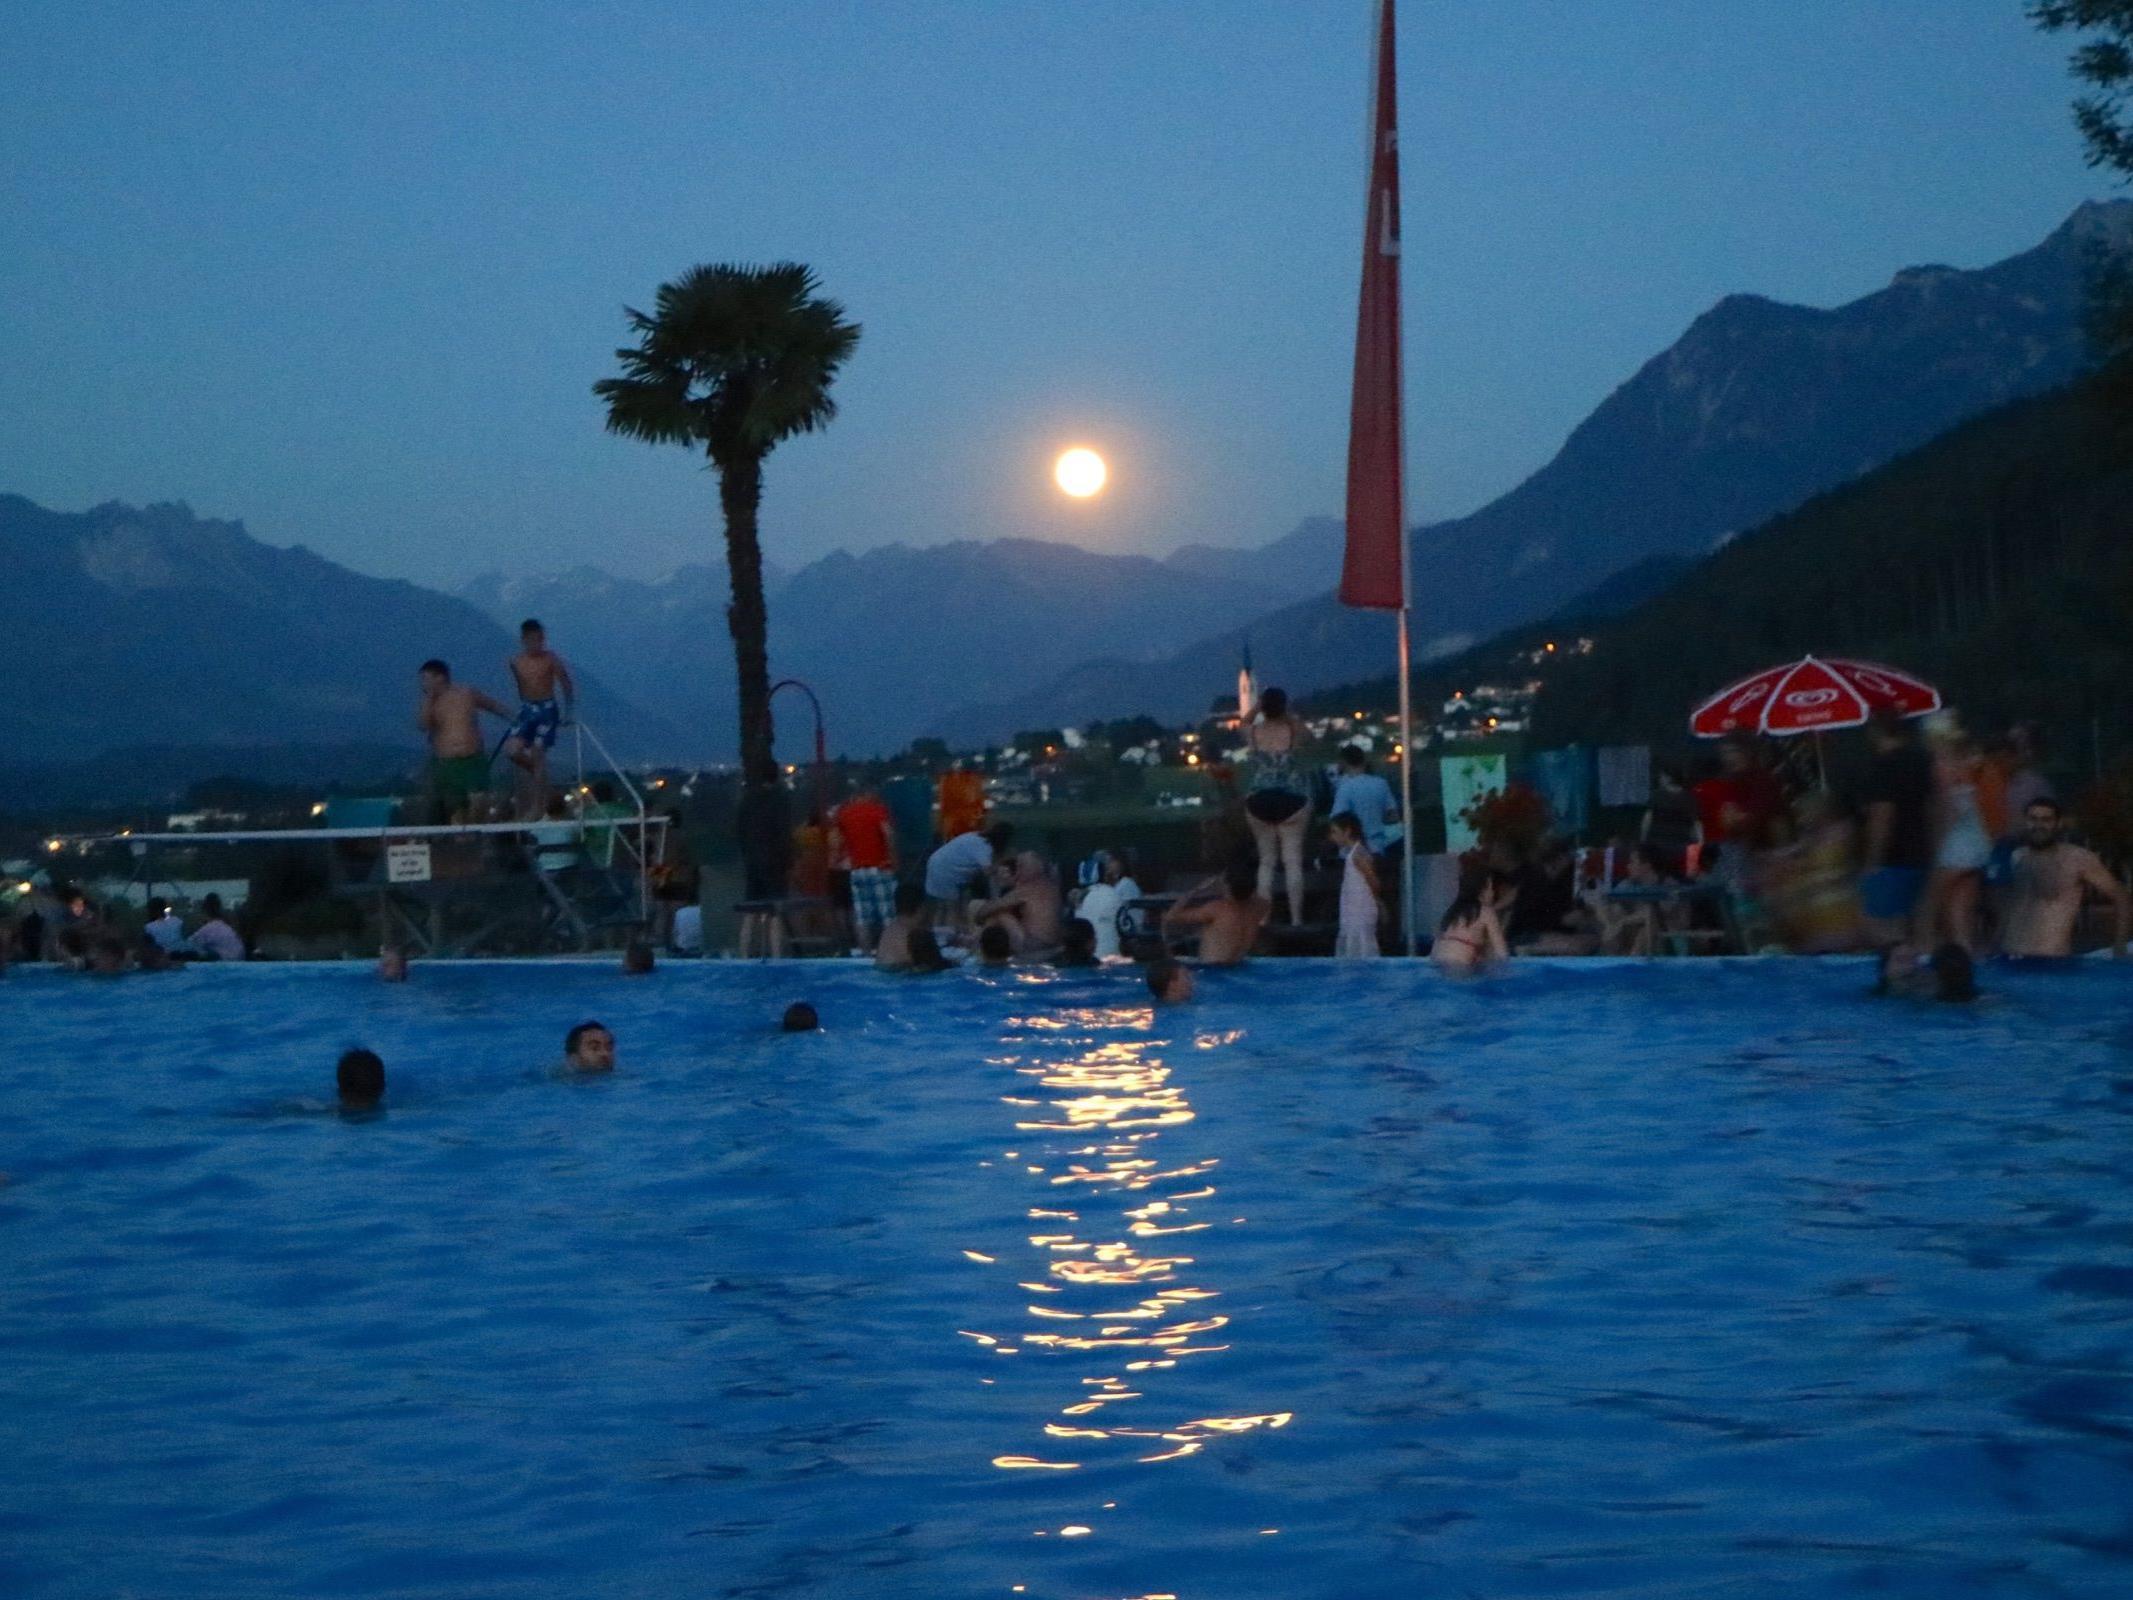 Der Panoramablick, wenn der Vollmond die Bergspitzen erleuchtet, ist ein ganz besonderes Erlebnis beim Vollmondschwimmen im ältesten Schwimmbad des Landes.